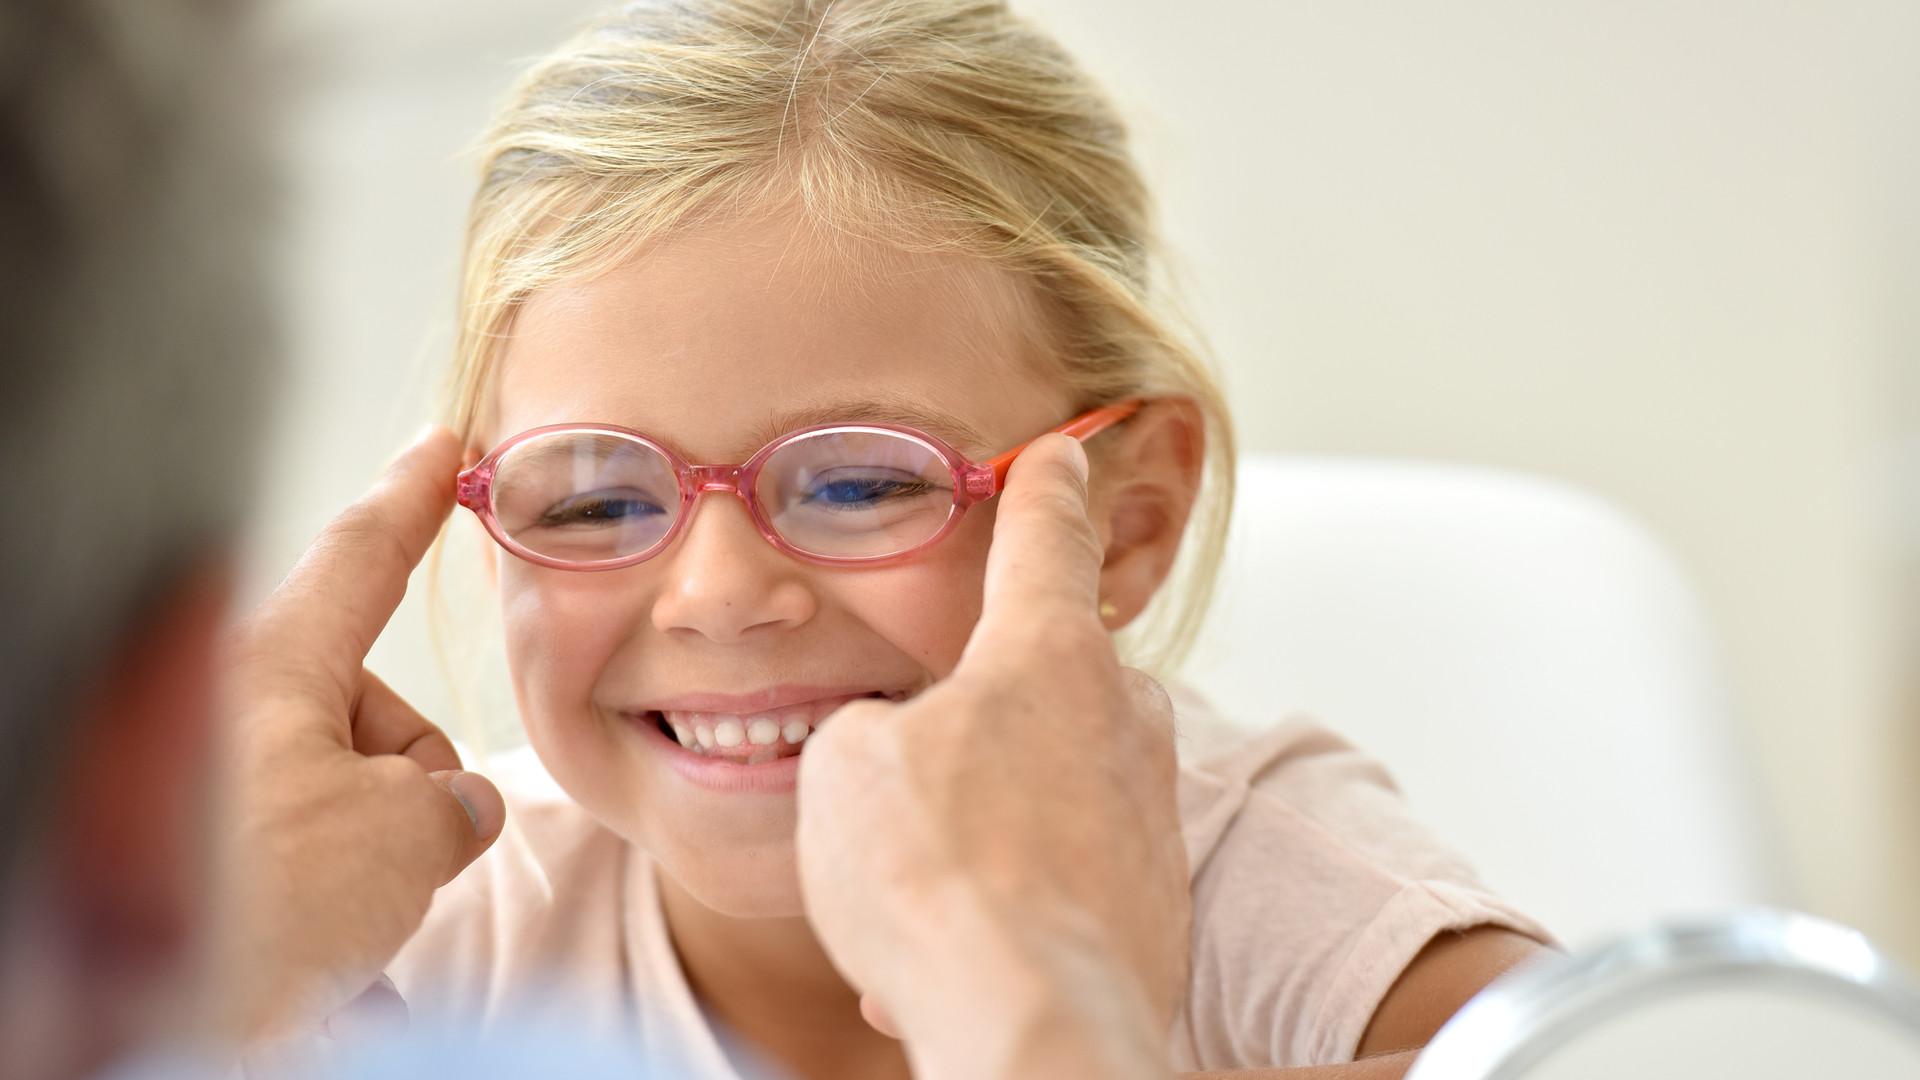 Perscription Glasses